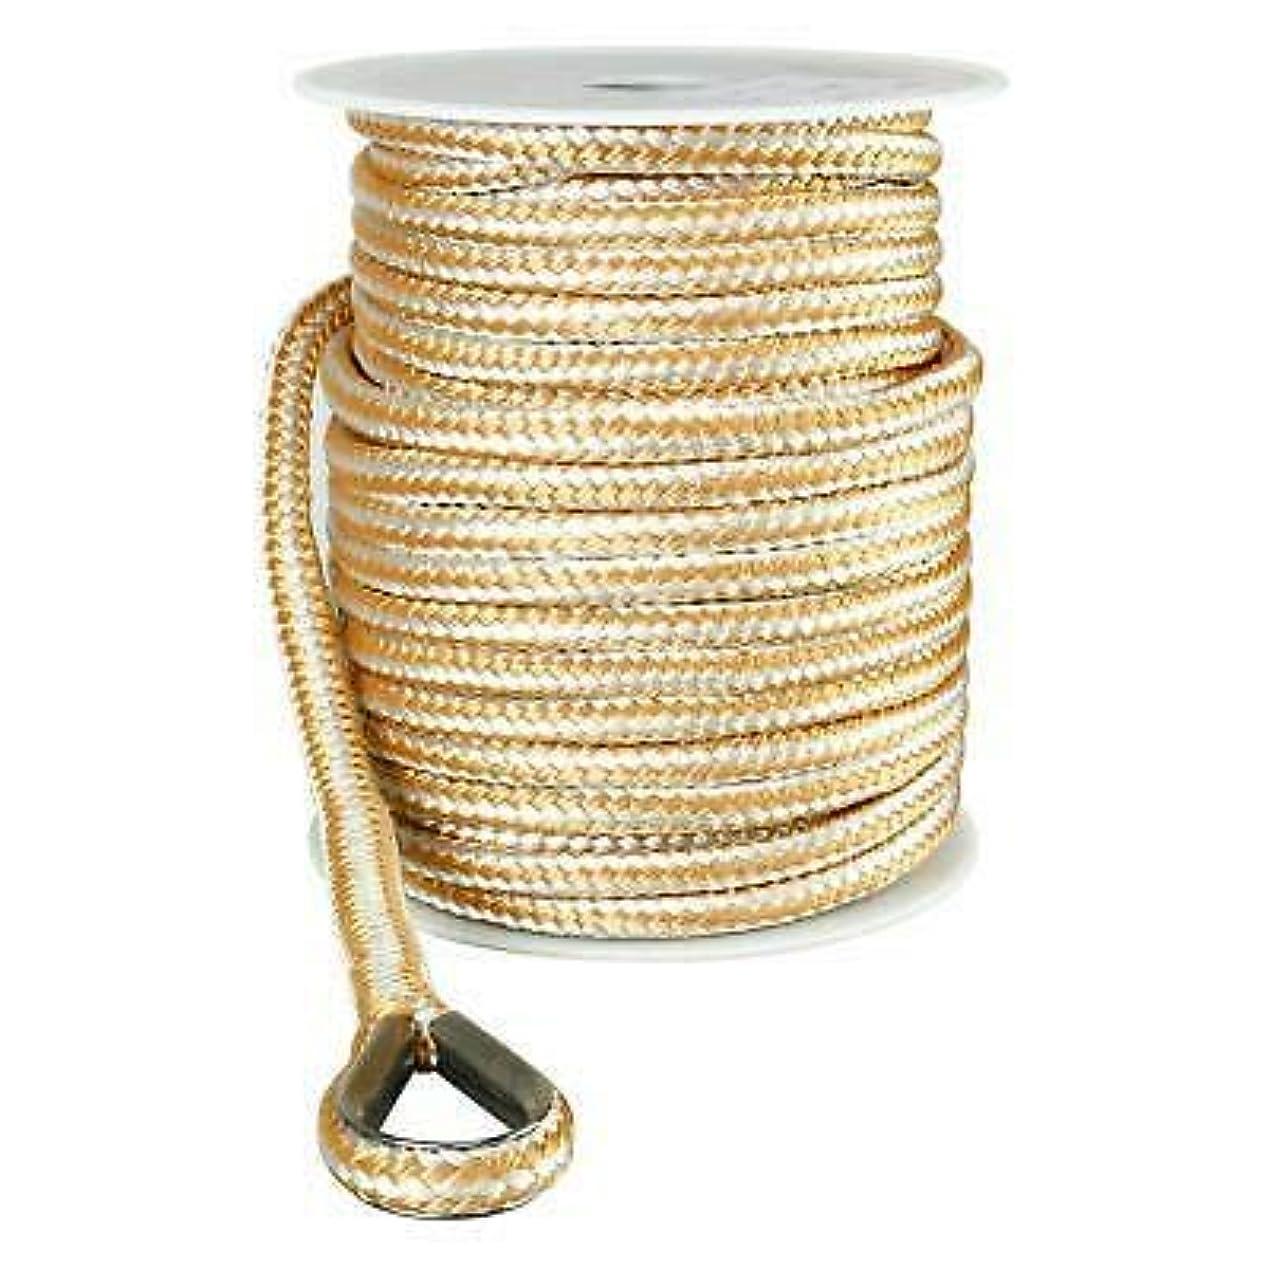 エレガントレンジマニフェストUS Ropes ナイロンダブル編みアンカーライン 1/2インチ x 200フィート ゴールドとホワイト